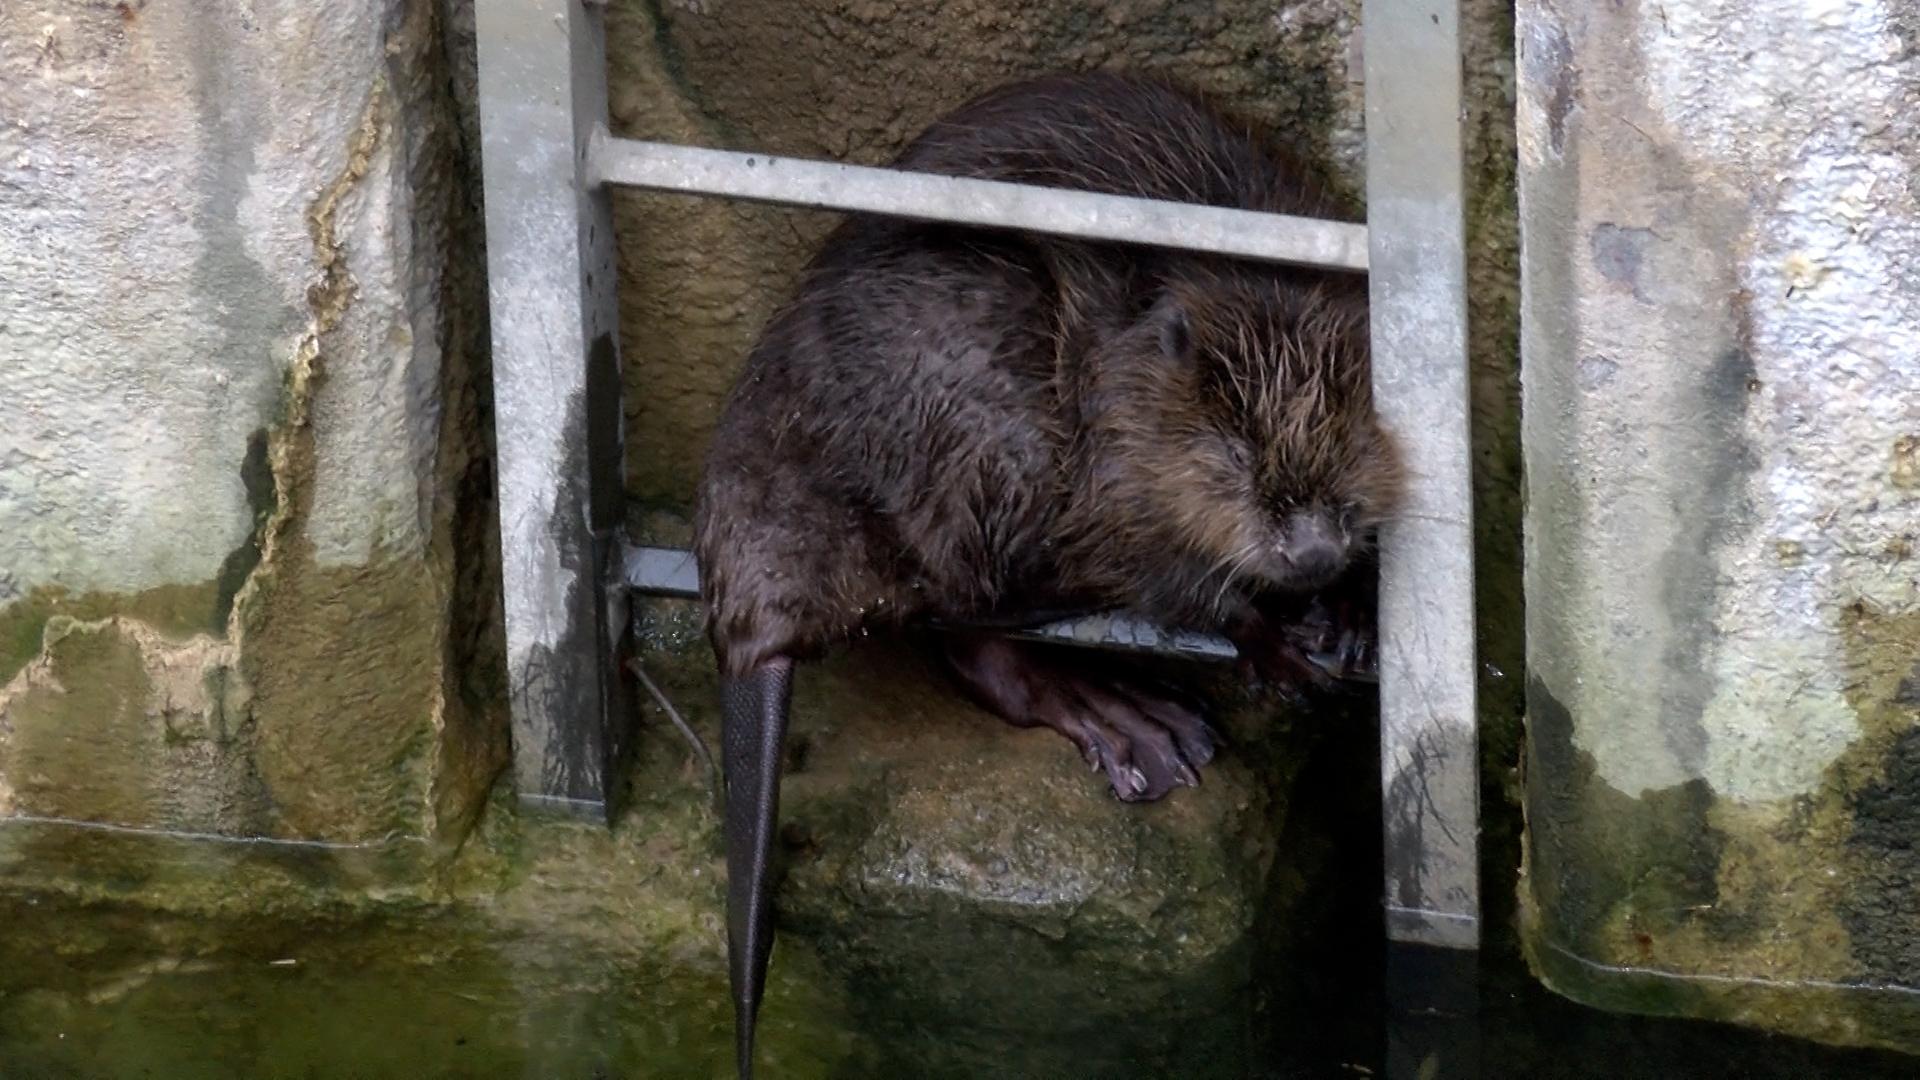 Mannheim: Sturz aus 15 Meter Höhe - Tierrettung Rhein-Neckar und Berufsfeuerwehr retten erneut Biber aus Schleusenkammer